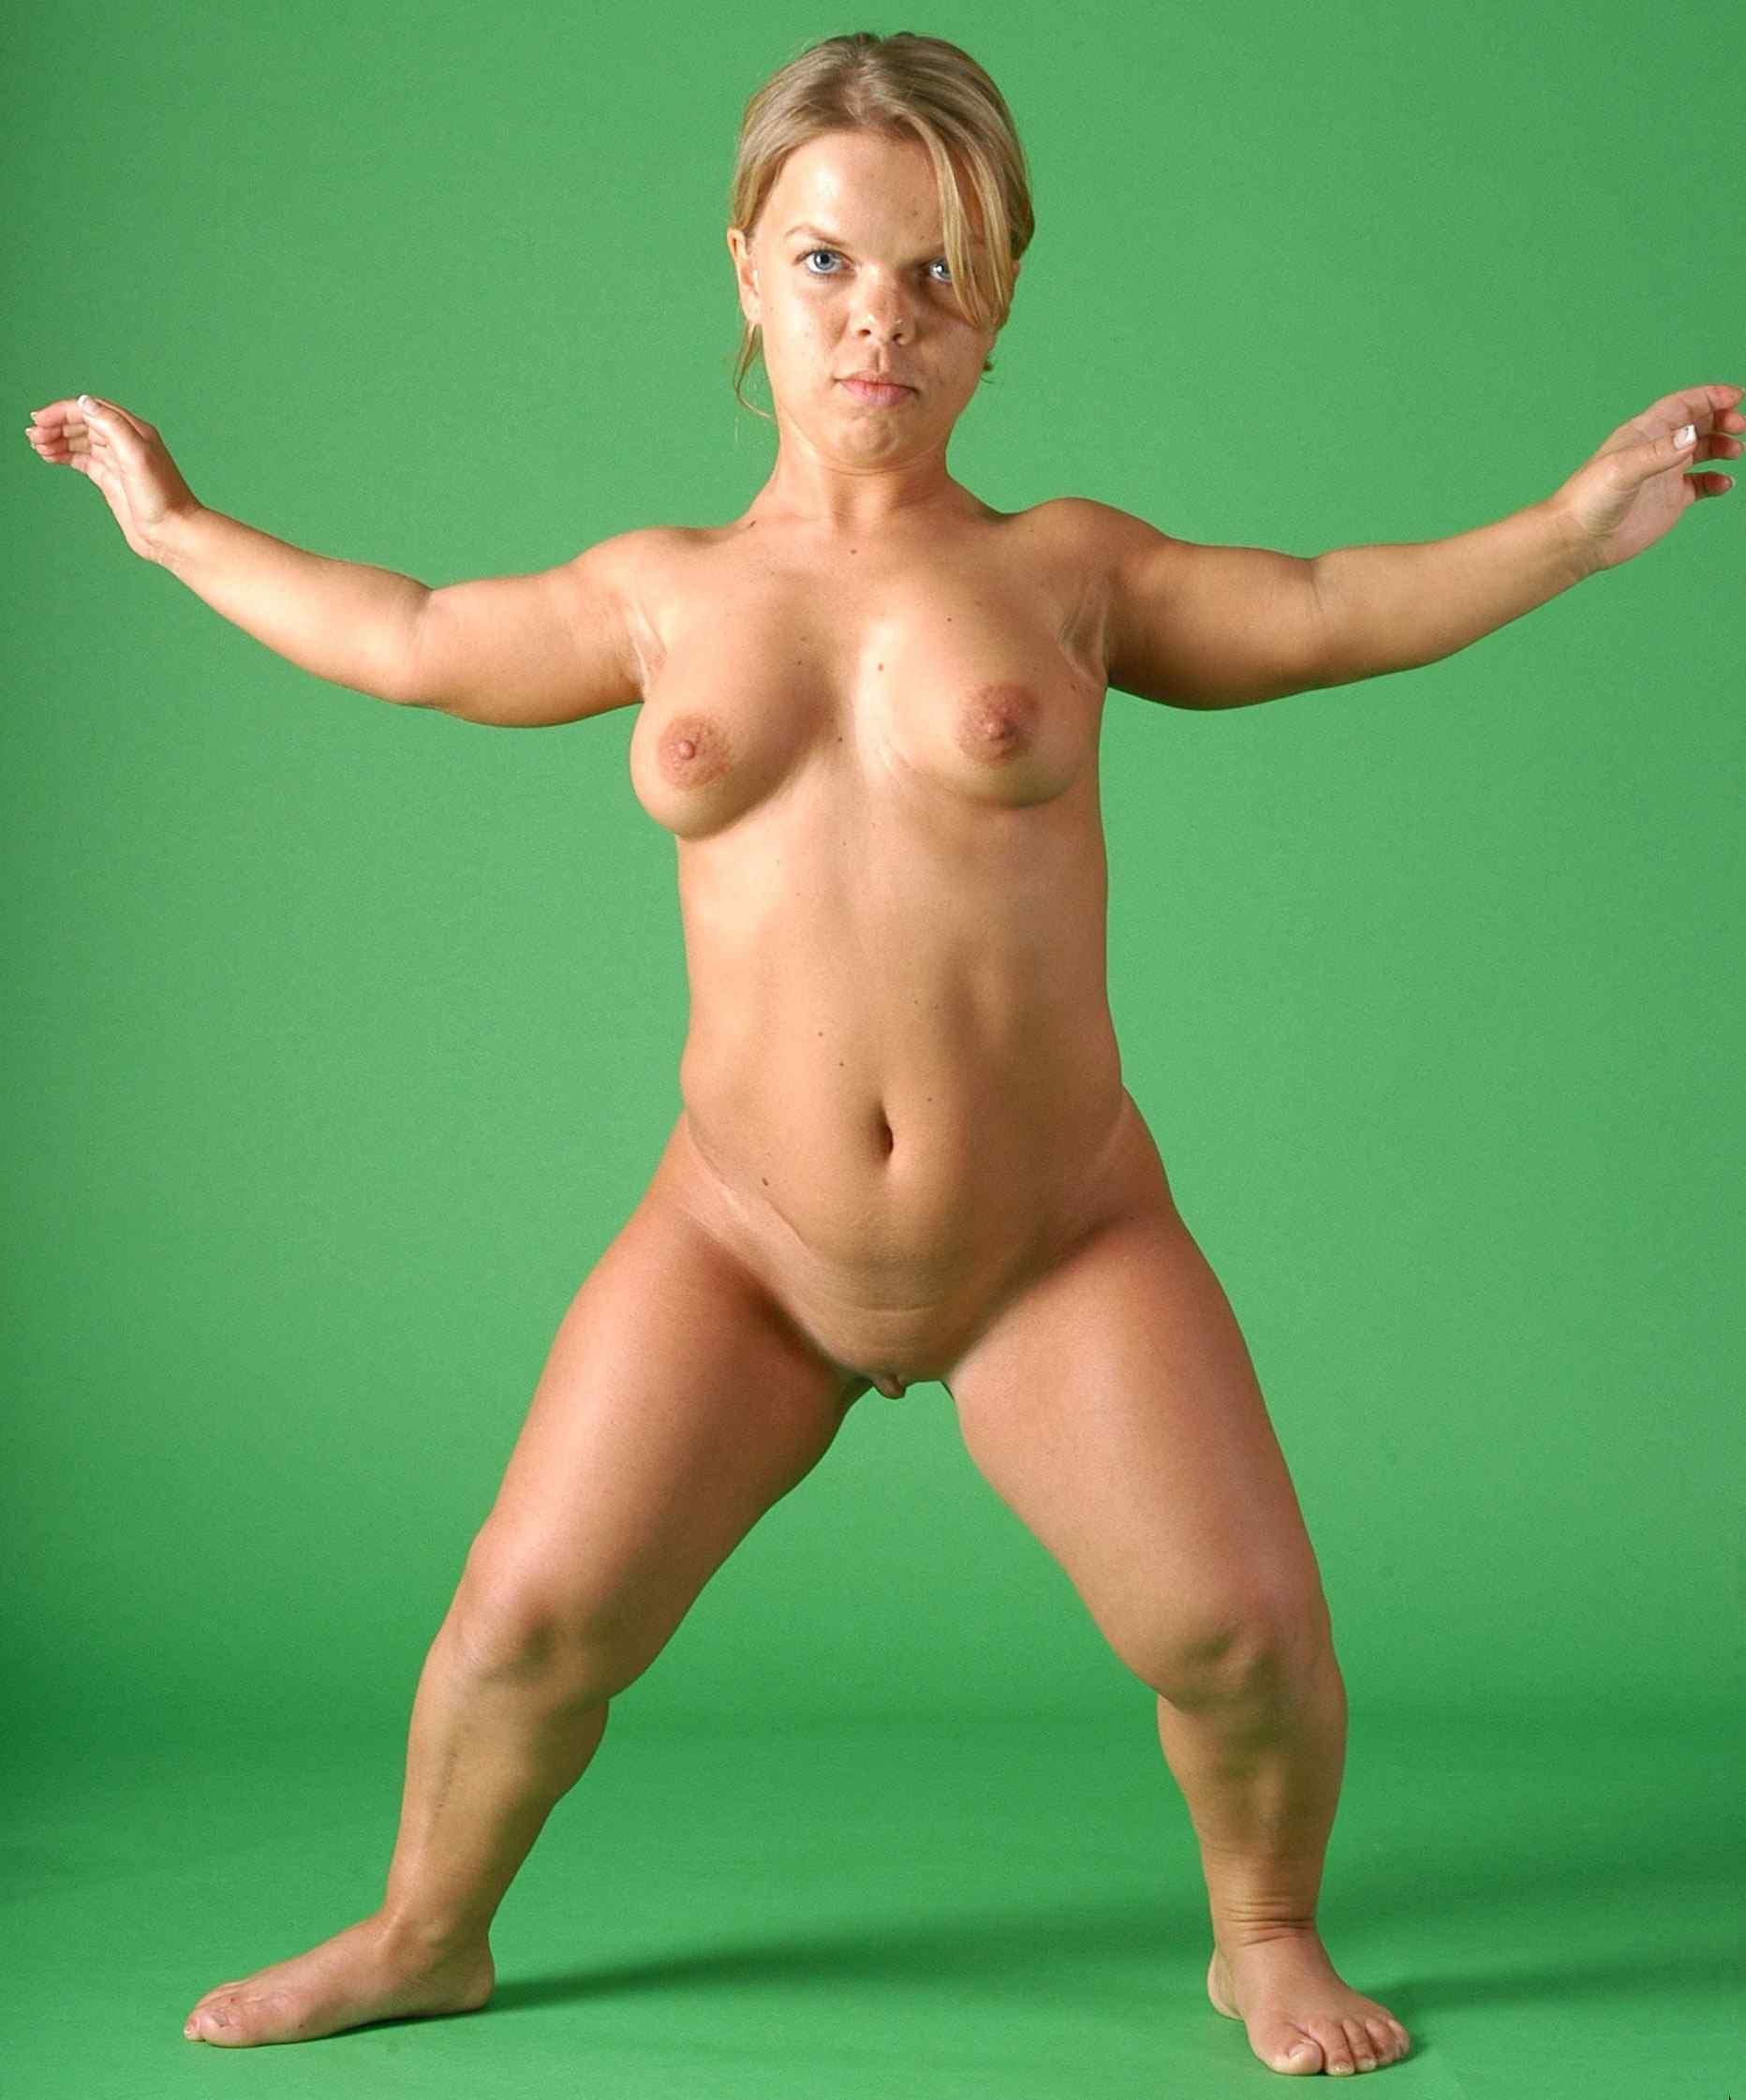 Black midget naked